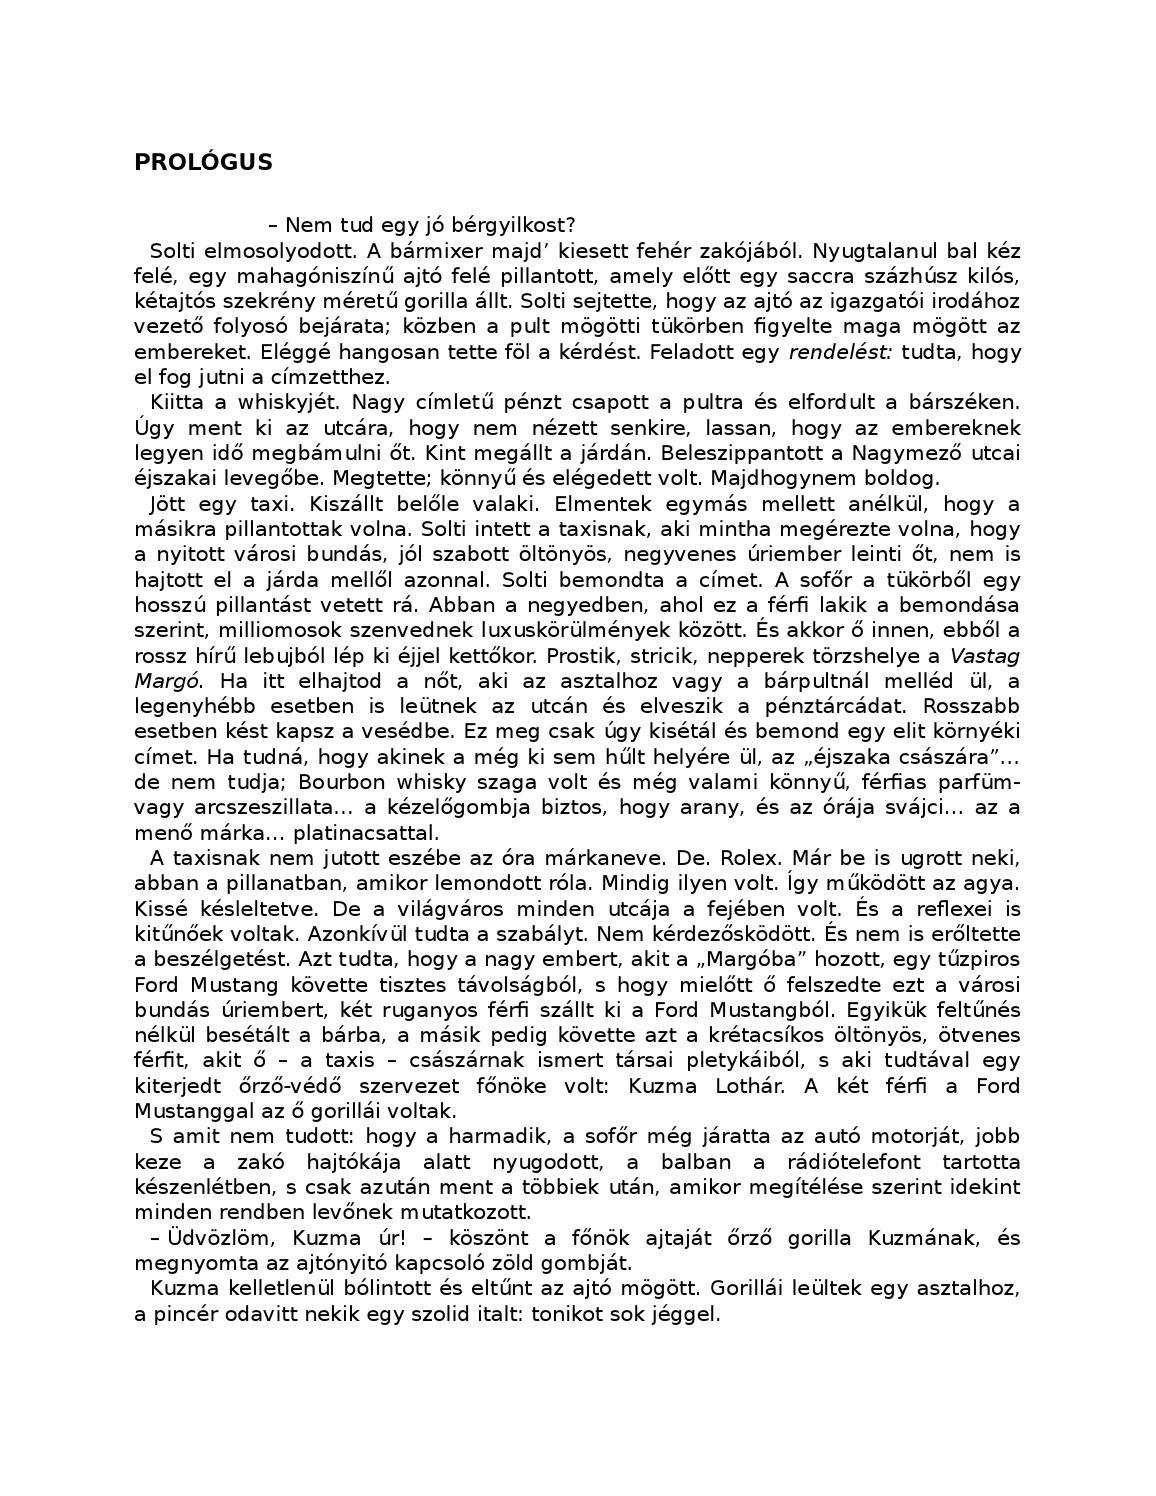 Titan Gel – értékelések pénisz javítása – összetétel, művek, gyógyszertár